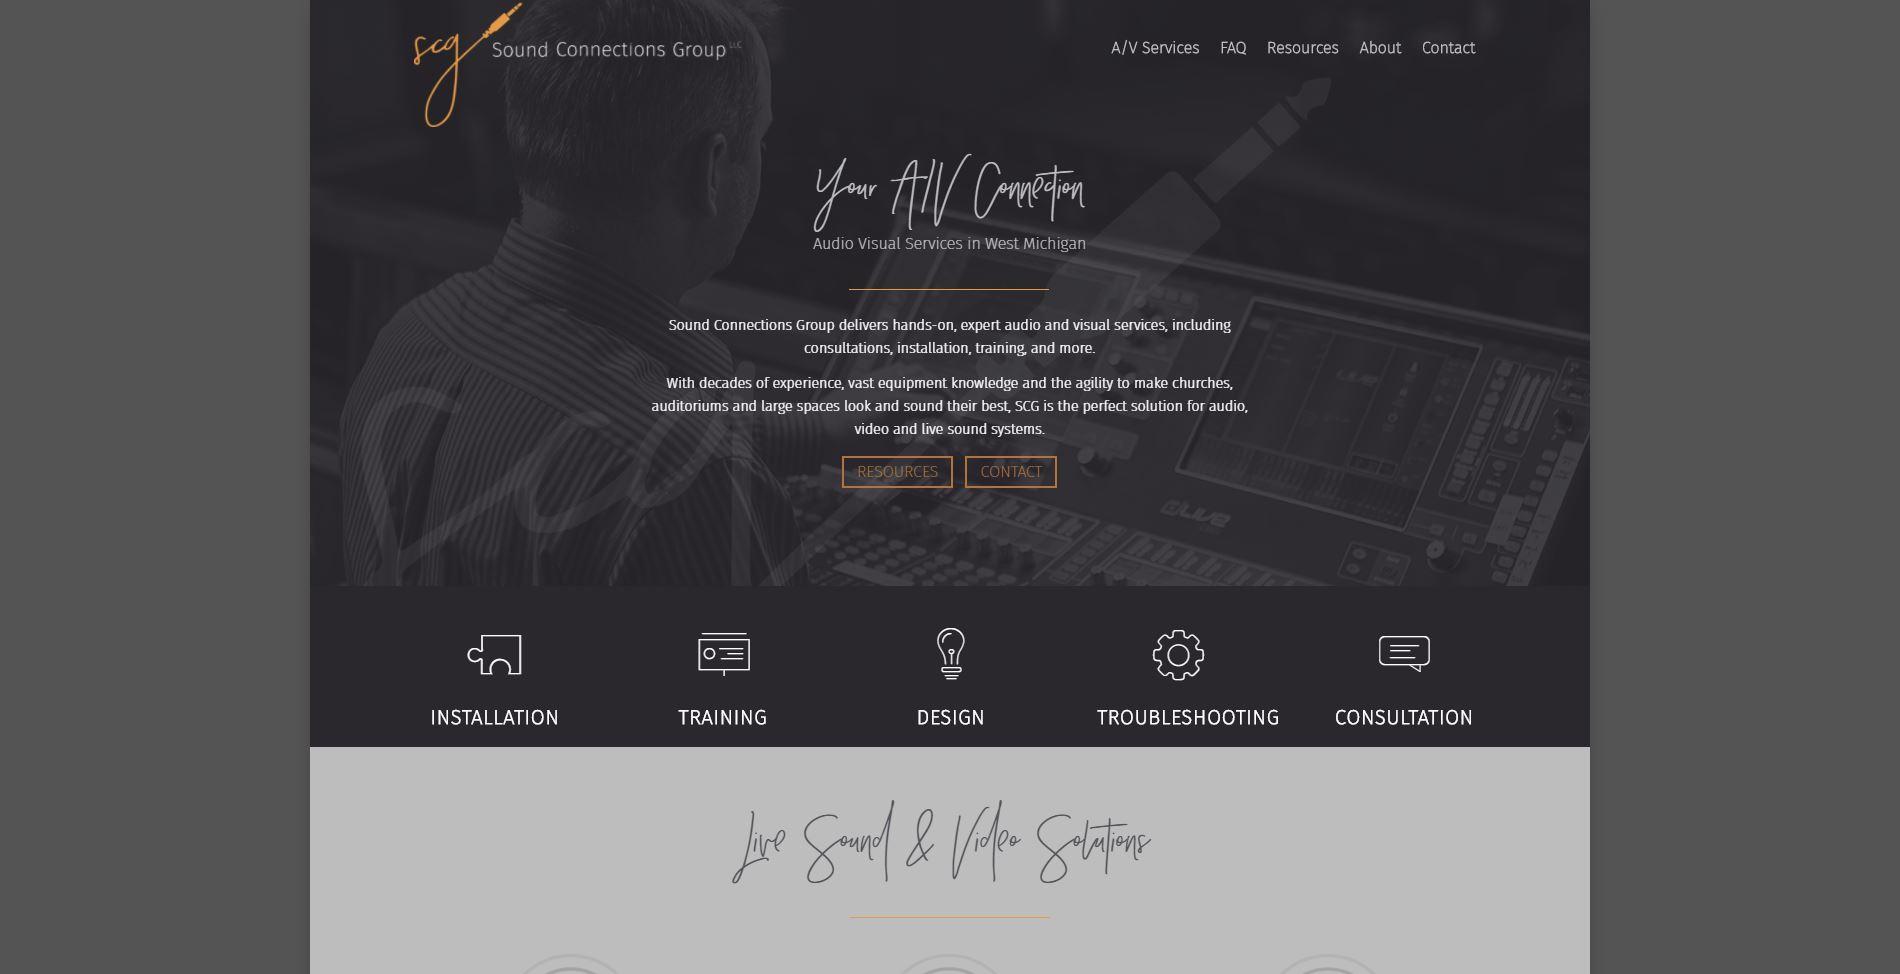 Sound Connections Group Website built by MoxieMen, Inc - Moxiemeninc.com